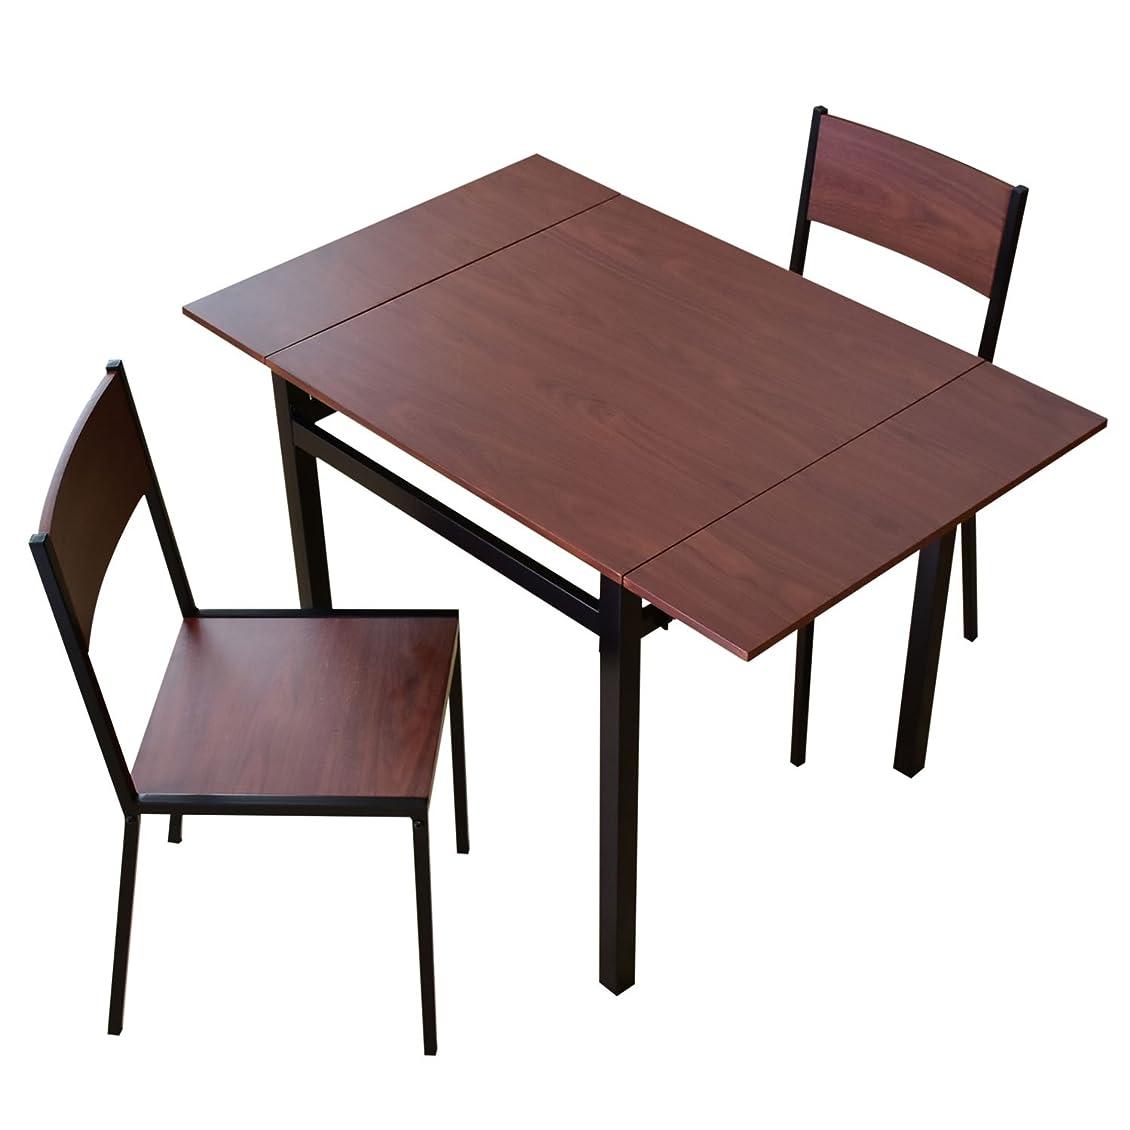 拾うで案件DORIS ダイニングテーブル 2人用 ダイニングテーブルセット 3点セット 伸縮 伸長式 幅80~120 2人掛け 組立式 フレイヤ ブラウン